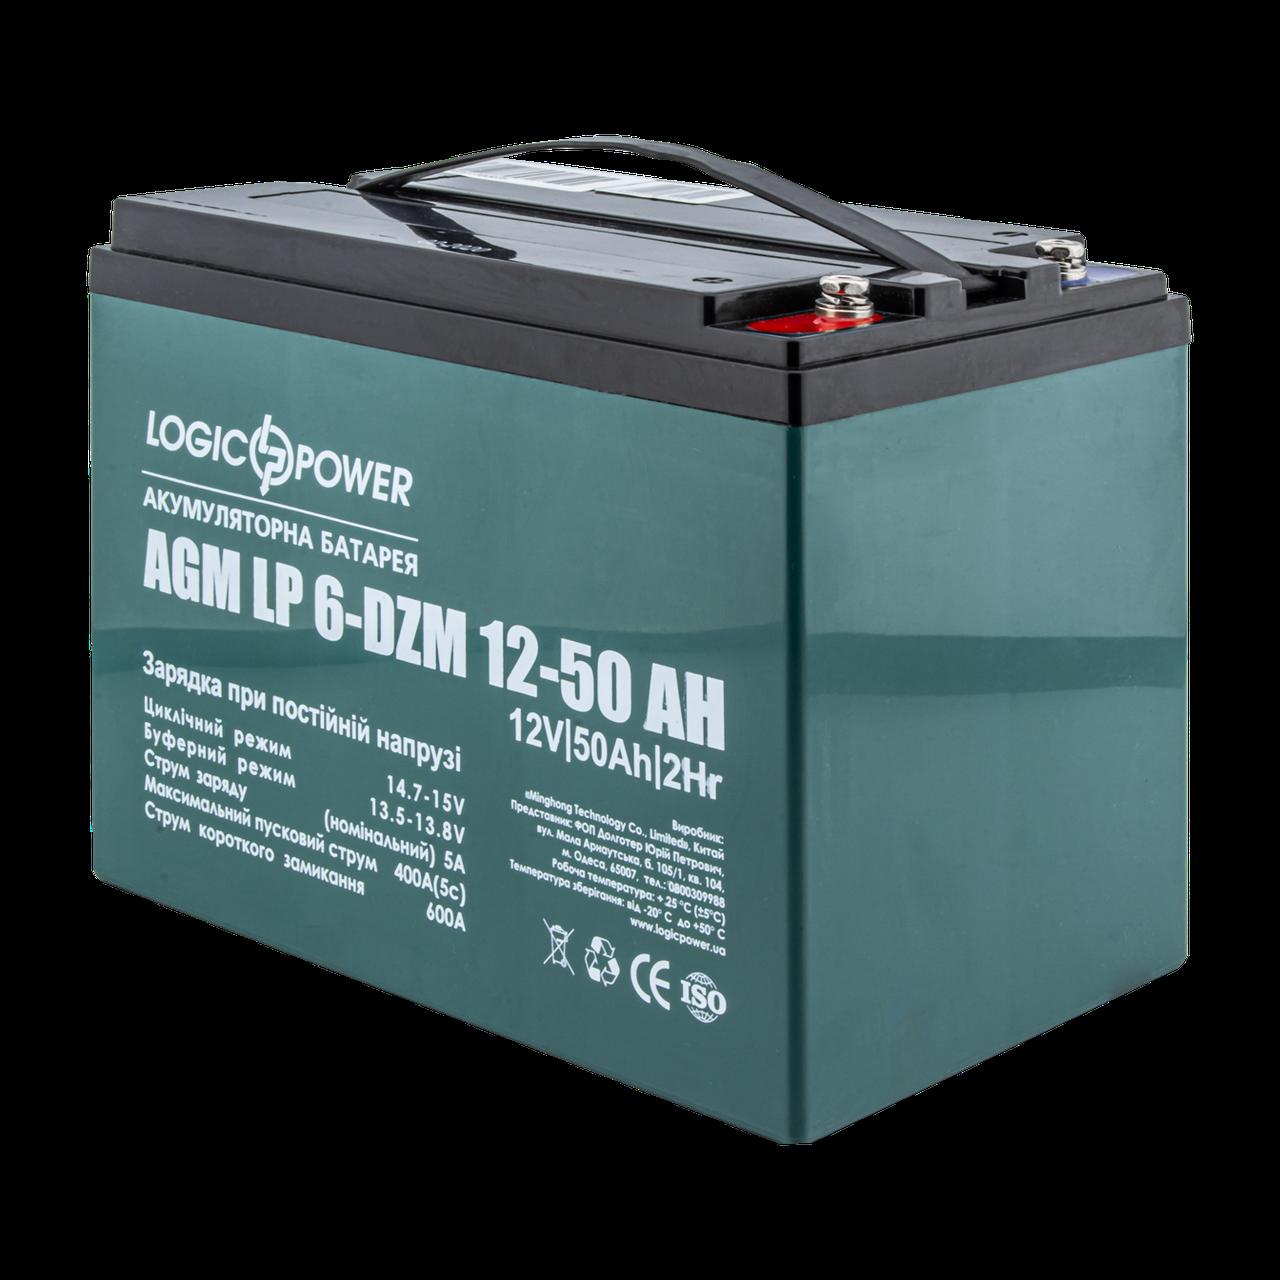 Тяговый свинцево-кислотный аккумулятор LP 6-DZM-50